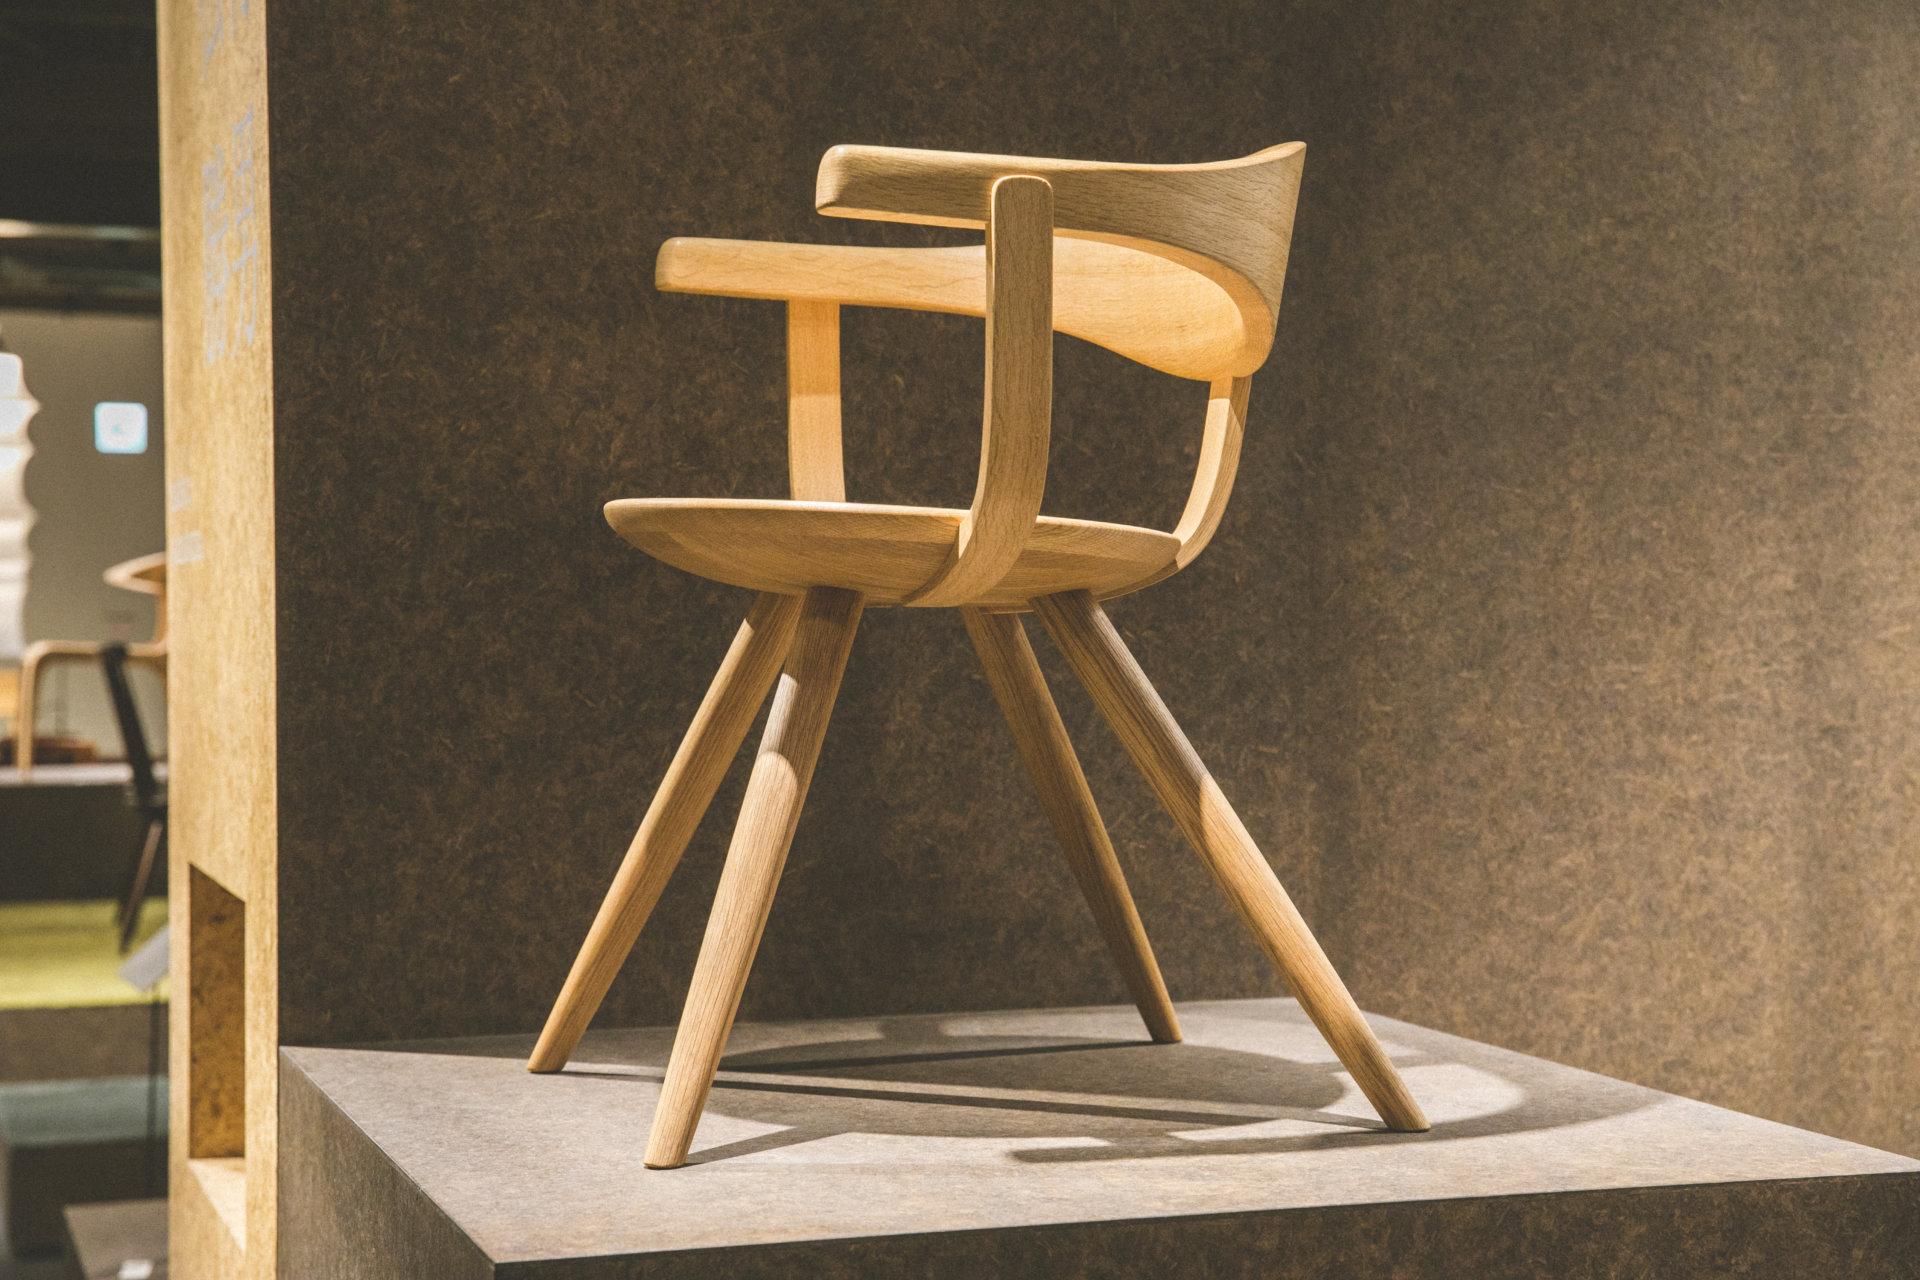 「飛騨の匠」の技術で木の新しい可能性を引き出す、飛騨産業の家具づくり